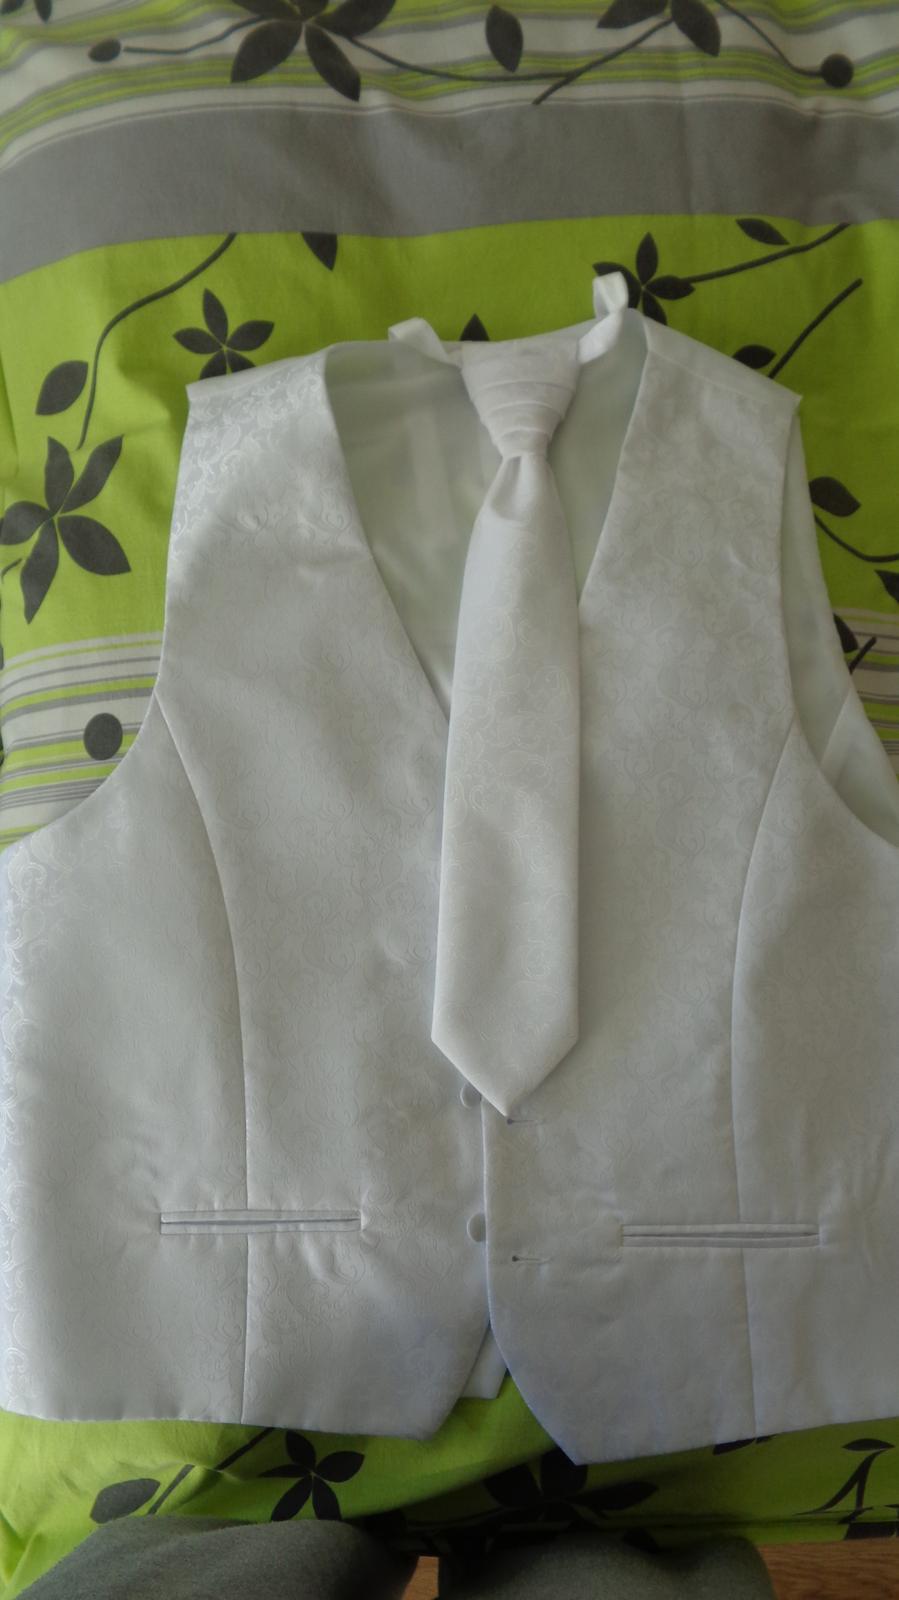 Svadobná vesta s kravatou - 56 - Obrázok č. 1